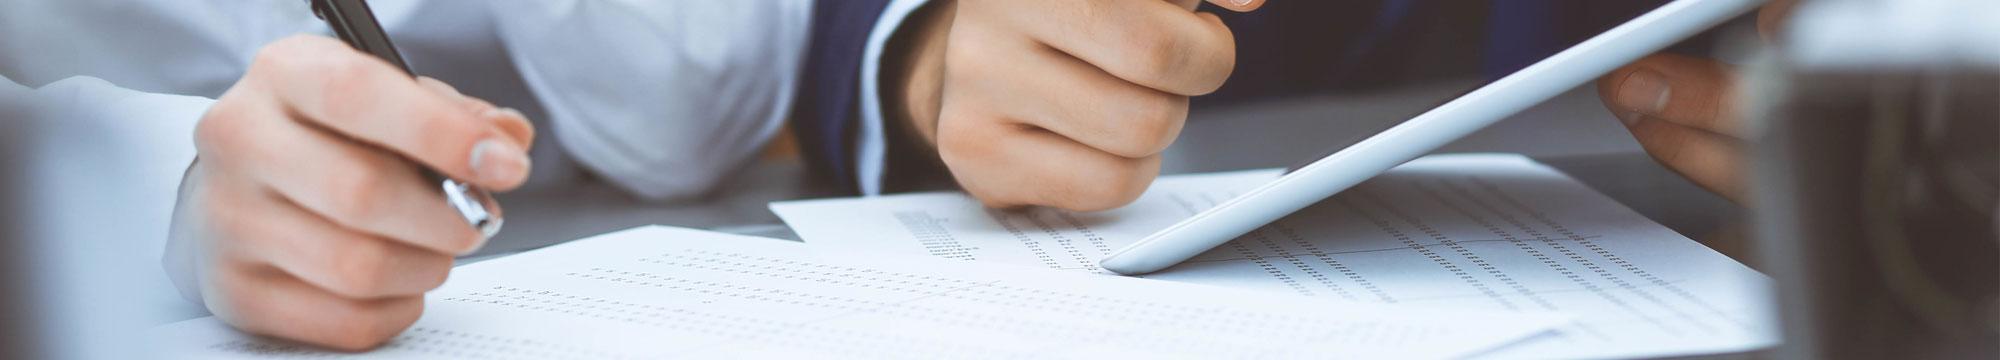 Covid19:  Darreres novetats en l'àmbit laboral i fiscal - Mediconsulting